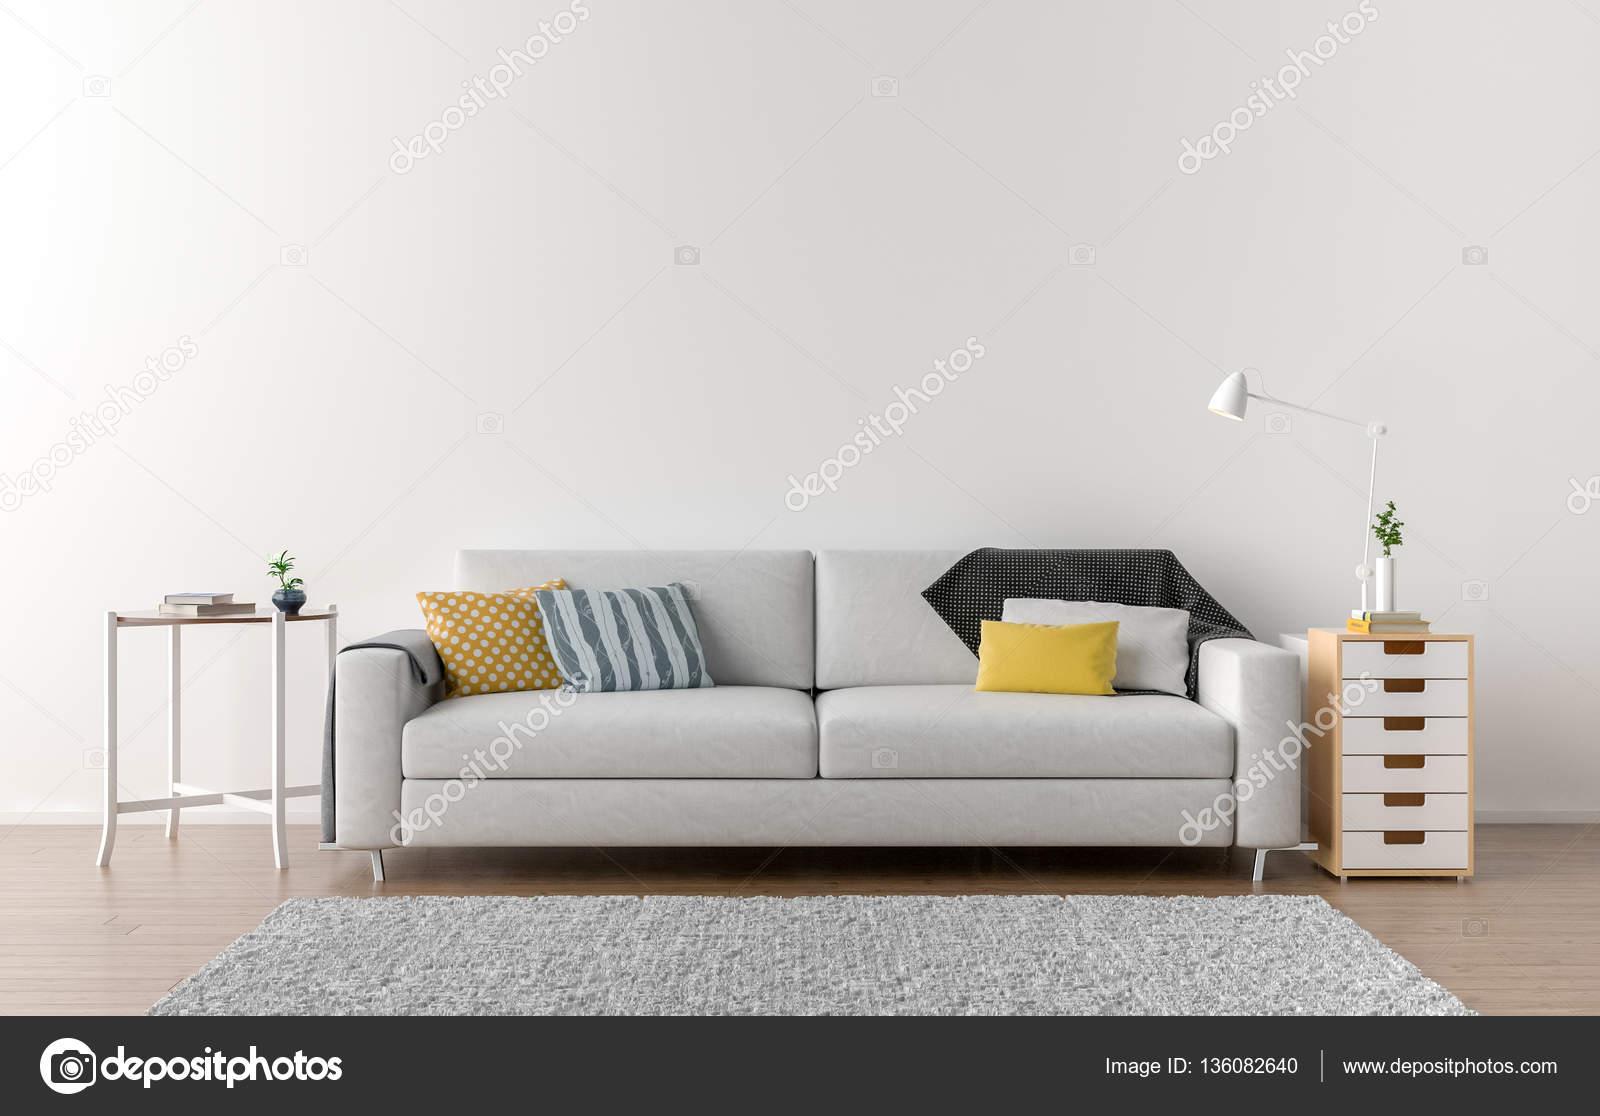 Woonkamer Witte Muren : Lege woonkamer met witte muur in de achtergrond u stockfoto